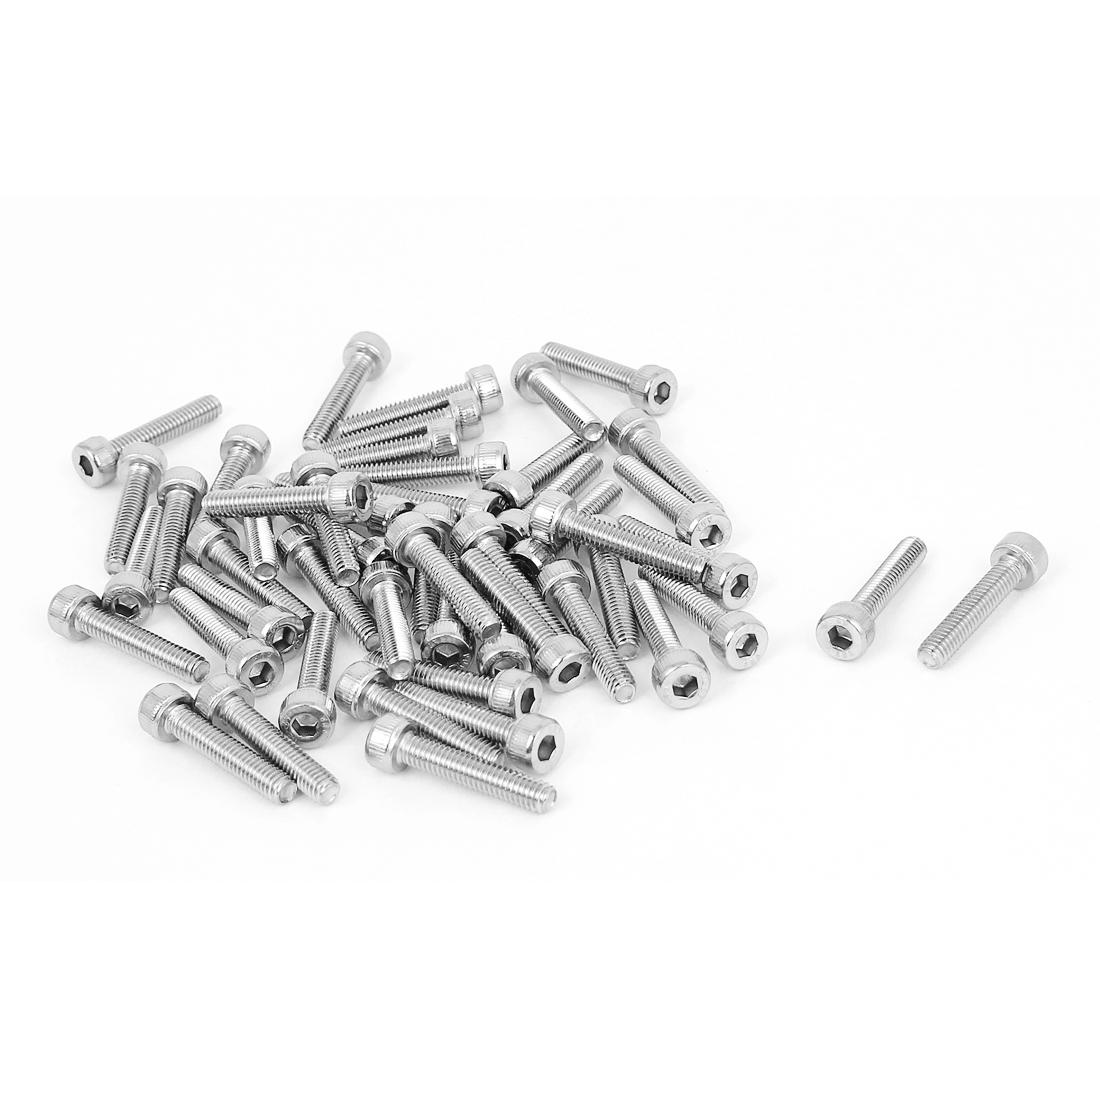 50 Pcs 3mm Hex Key Socket Head Stainless Steel Knurled Cap Screws Bolts M4x20mm